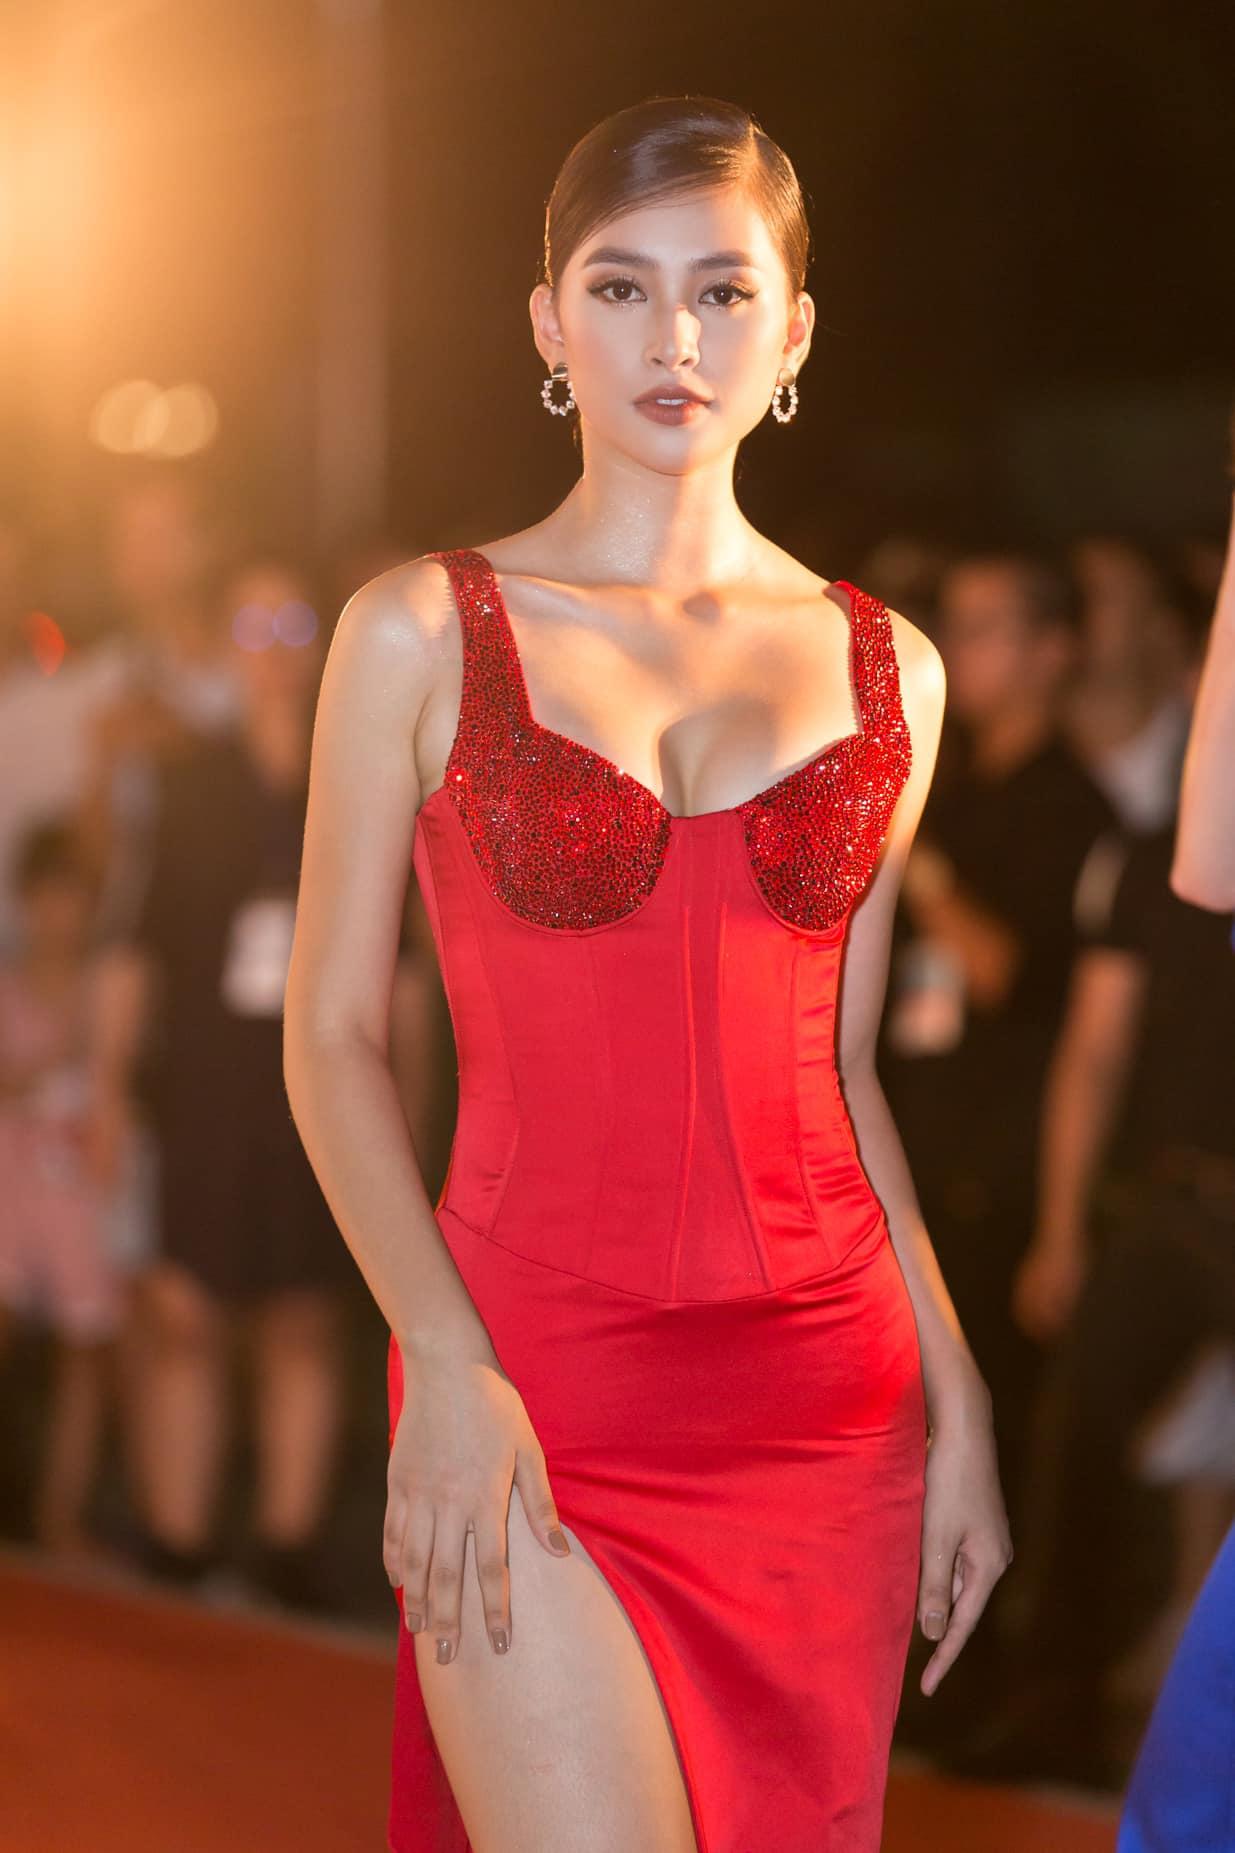 Không thảm đỏ xa hoa, nhiều cô gái diện váy xẻ đùi xuống phố vẫn ngây ngất lòng người - 1